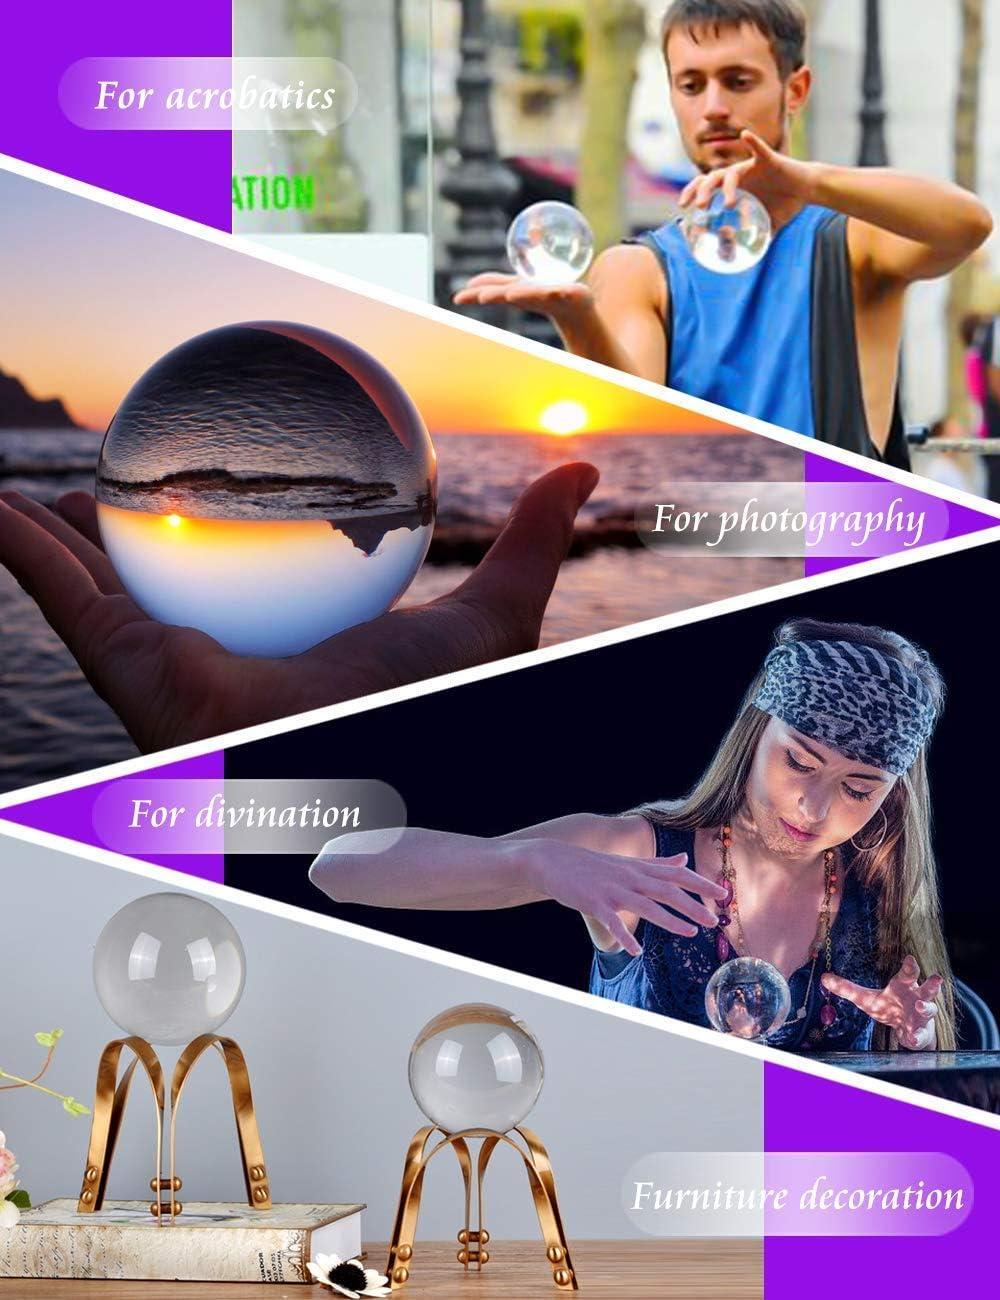 Boule pour objectif photo 90mm with pouch accessoire d/écoratif et photographie boule en cristal K9 avec pochette en microfibre